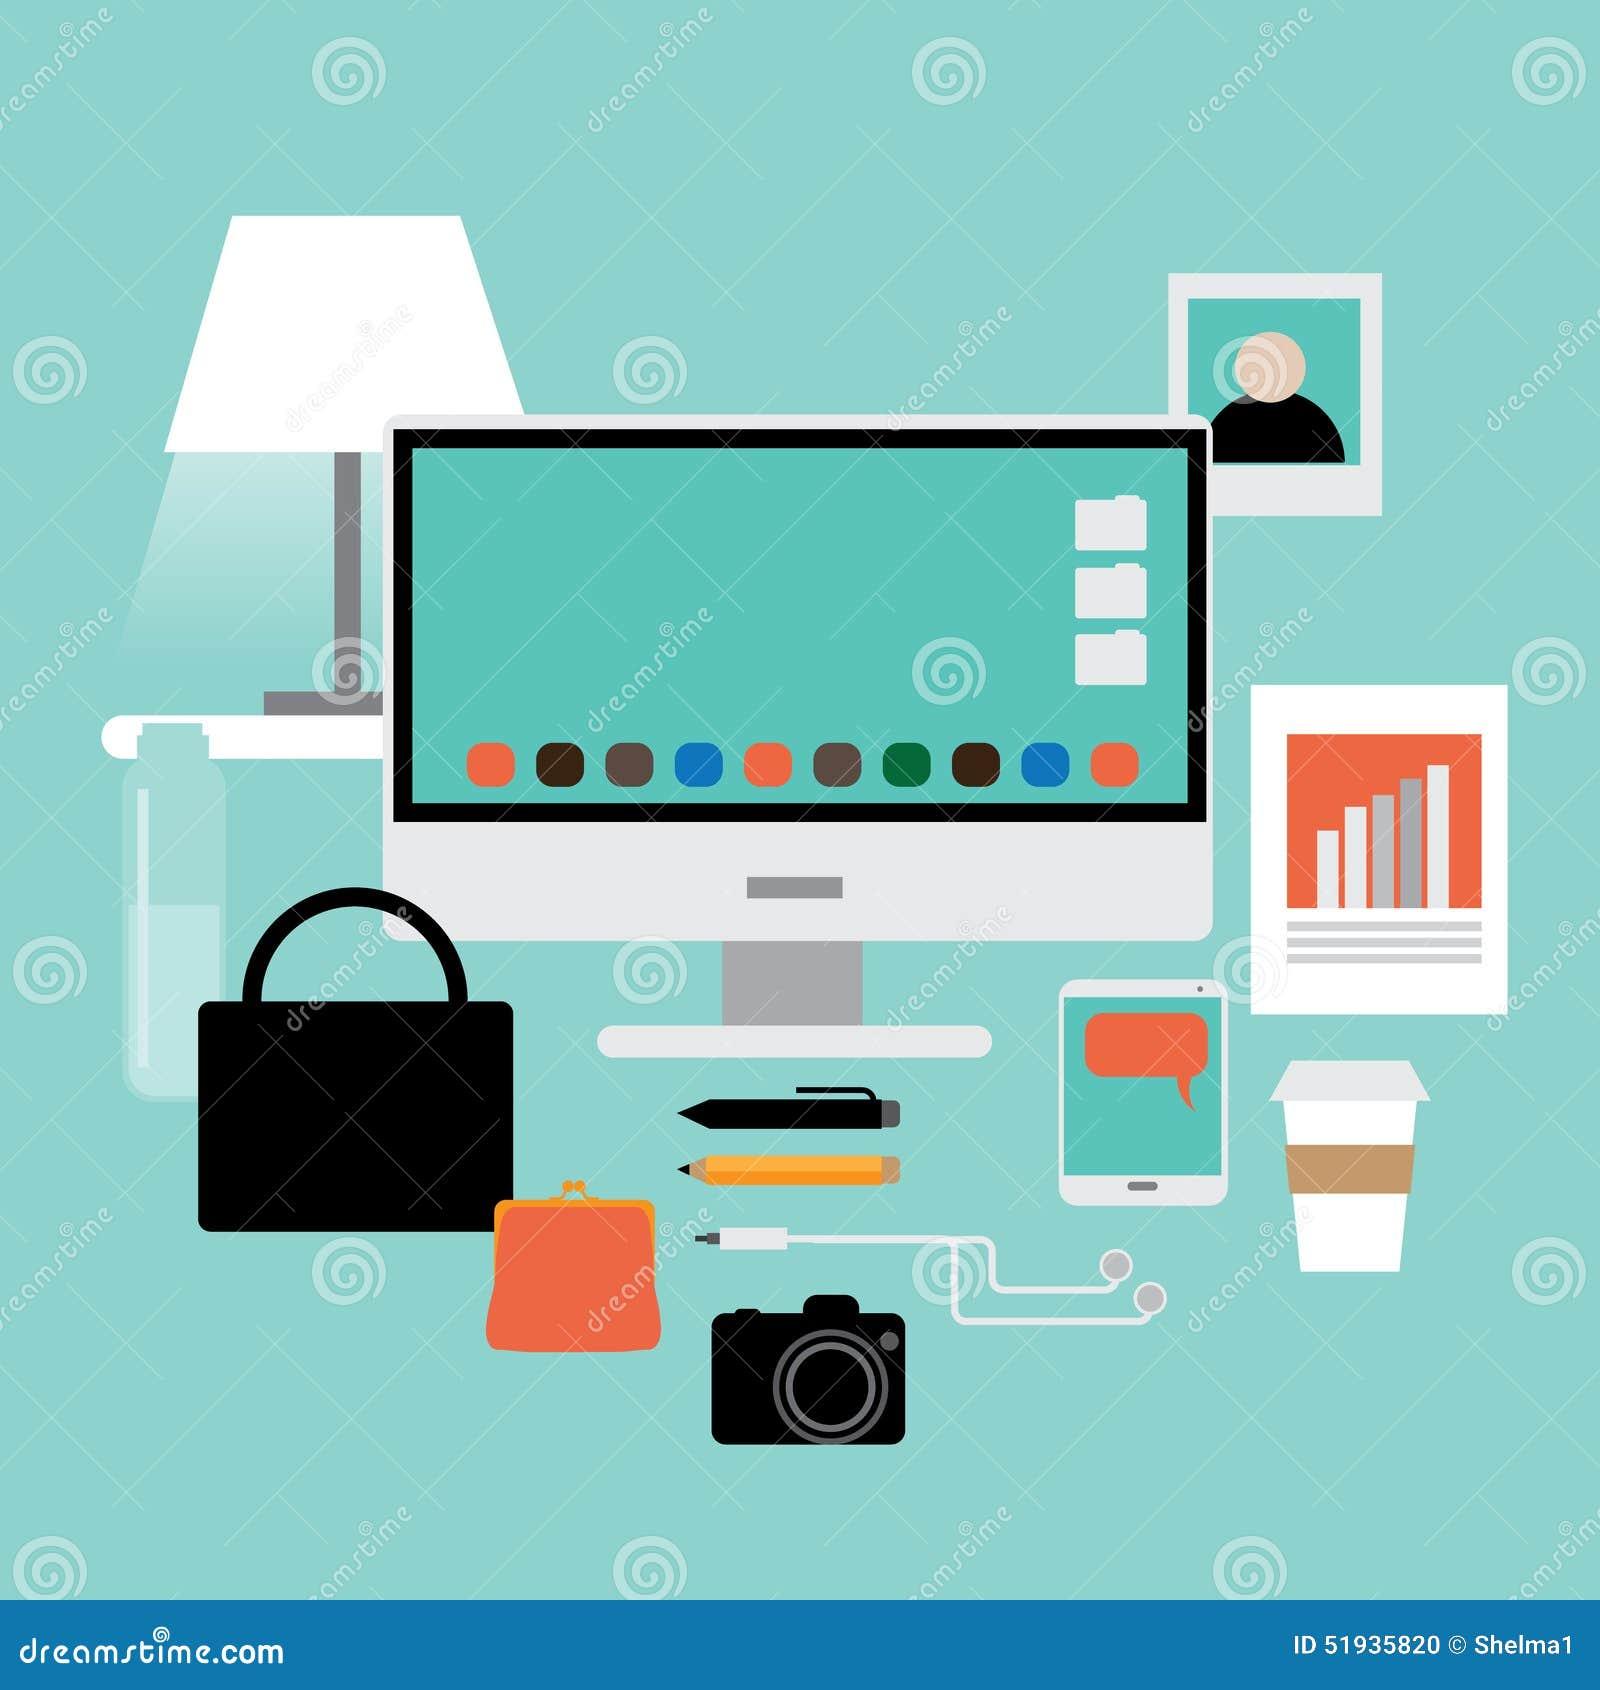 Poster design article - Ads Article Blog Brochure Design